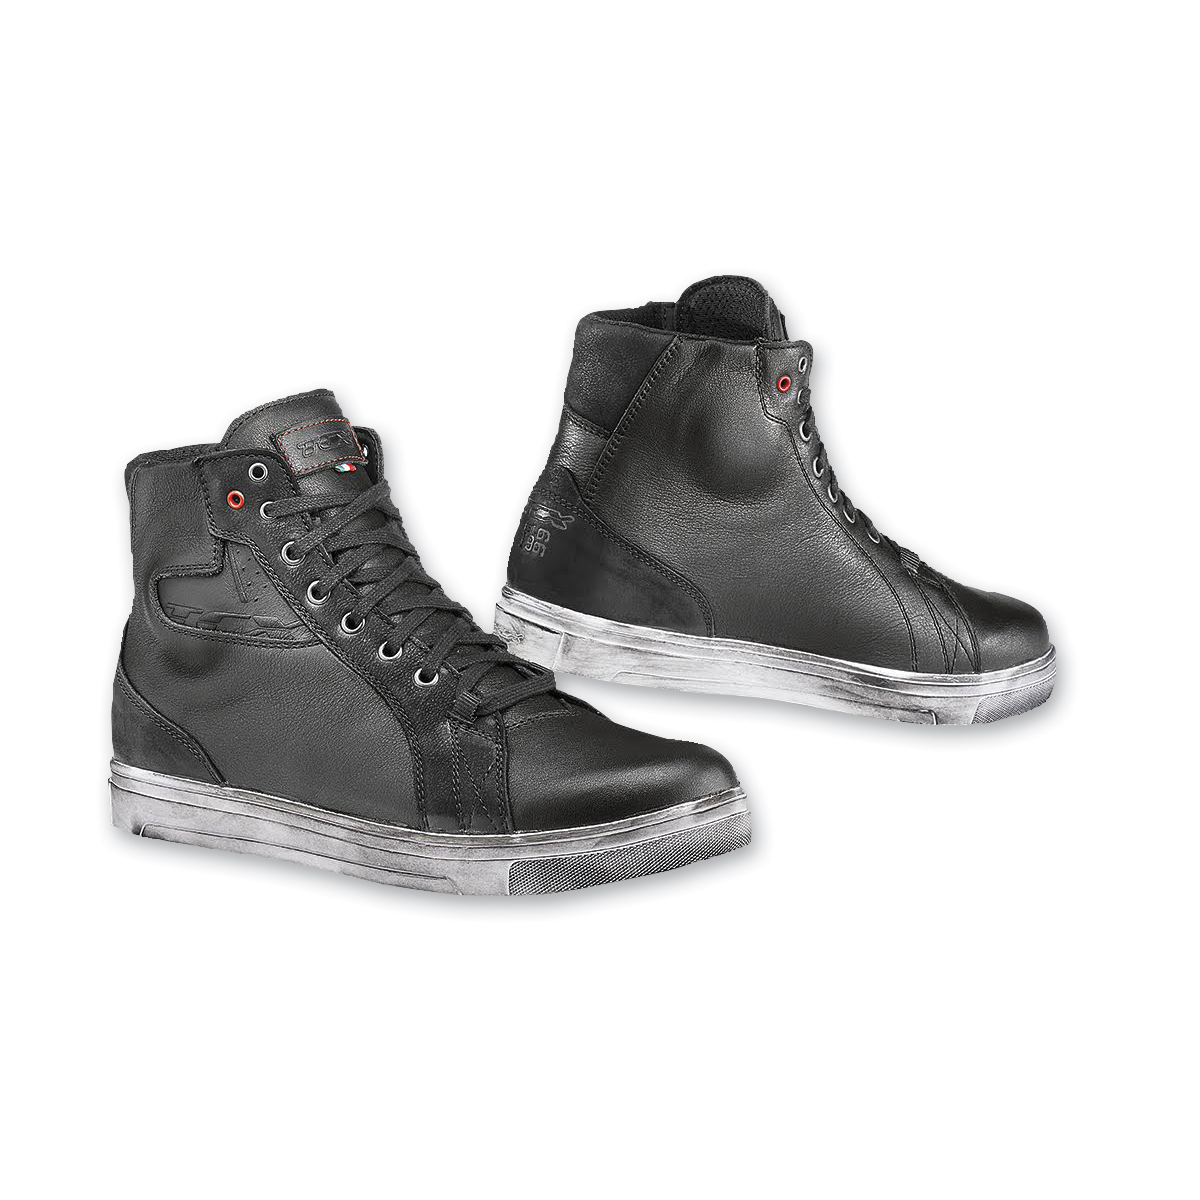 TCX Men's Street Ace Waterproof Black Shoes